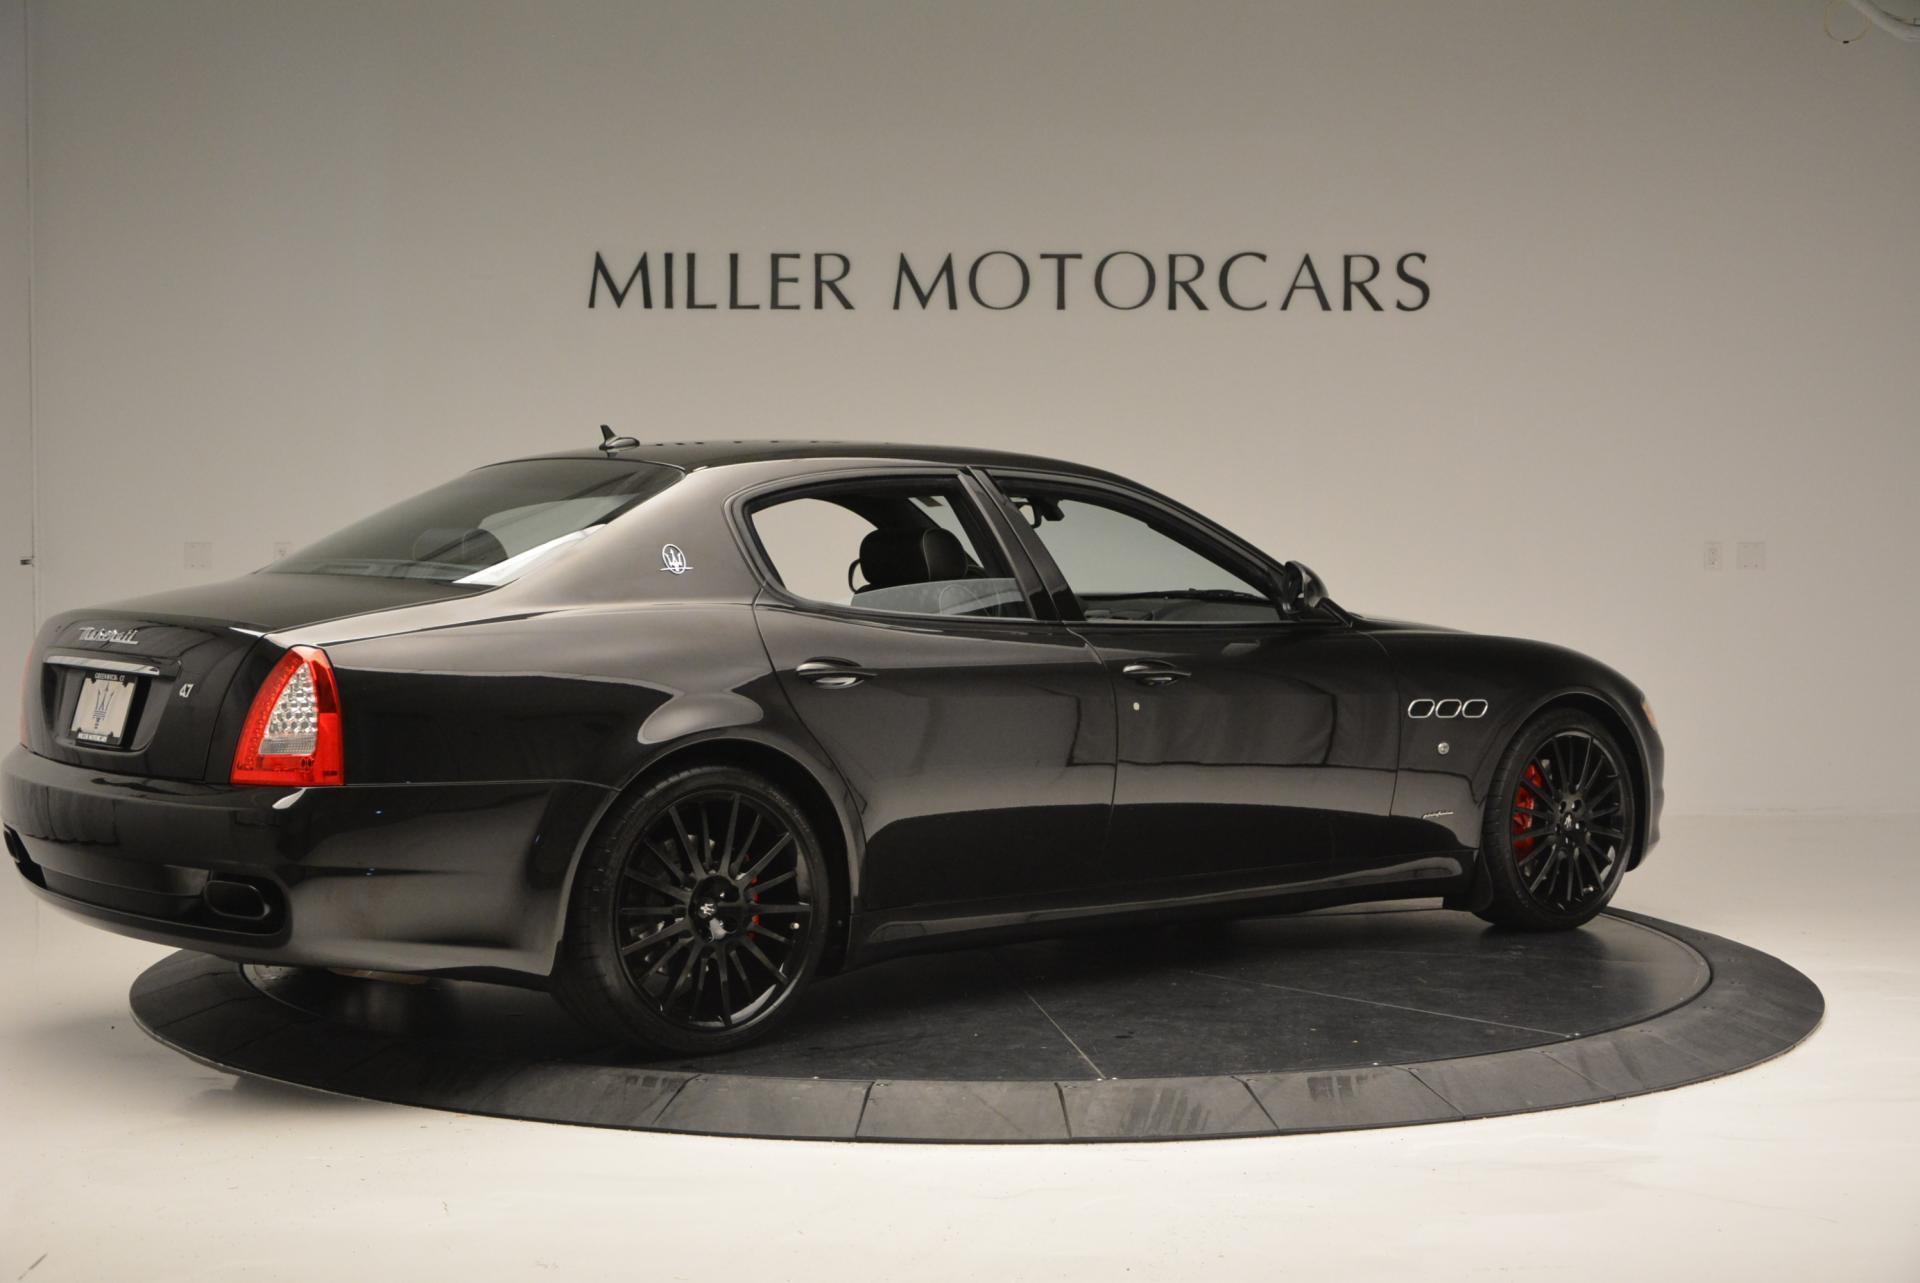 Used 2011 Maserati Quattroporte Sport GT S For Sale In Greenwich, CT 531_p8